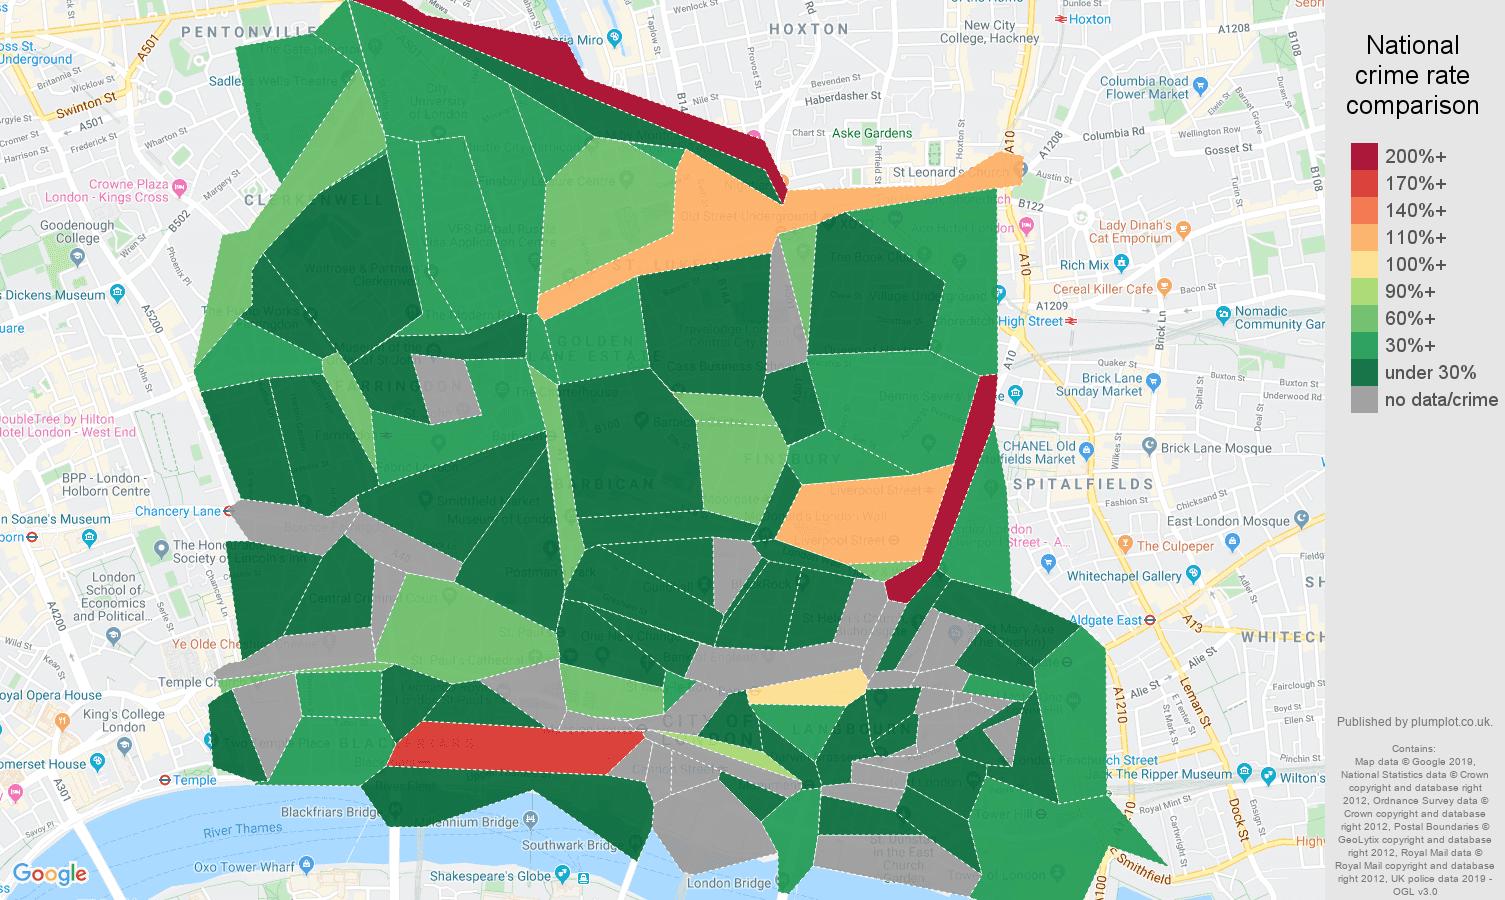 East Central London public order crime rate comparison map